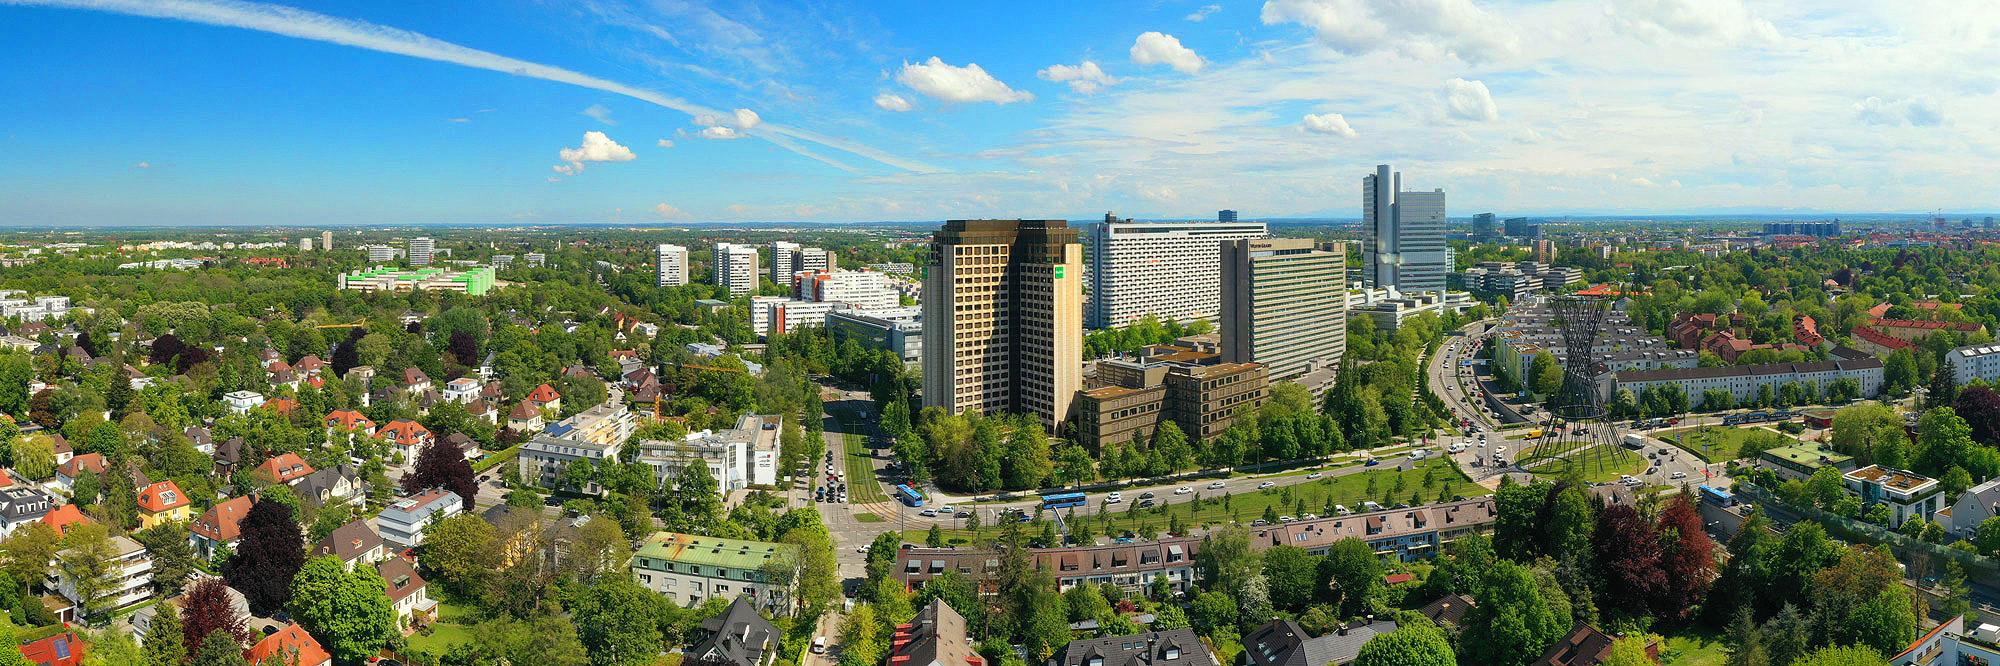 München Bogenhausen Skyline